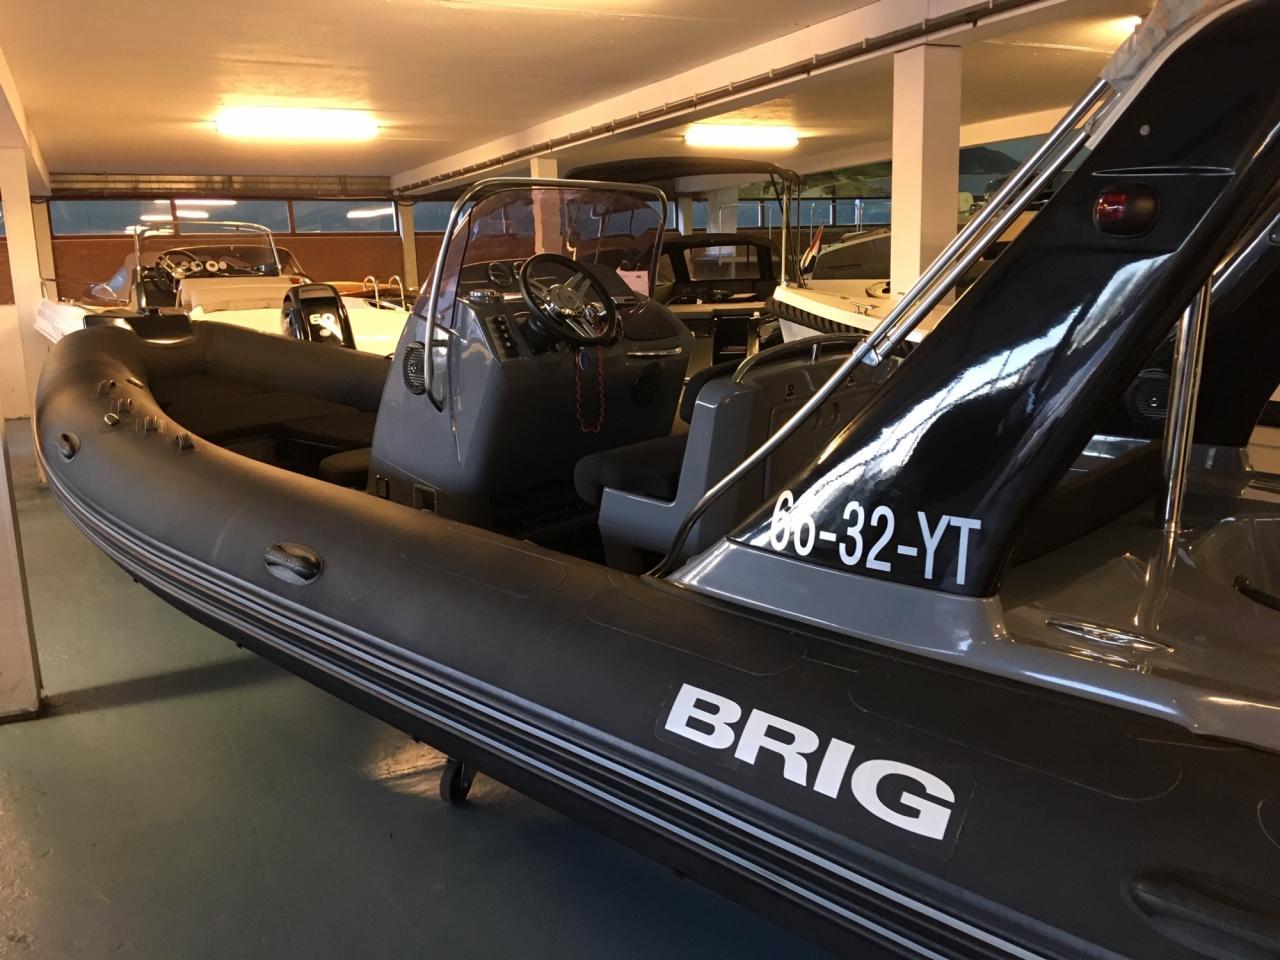 Brig eagle 650 met Mercury Verado 250 pk! 5